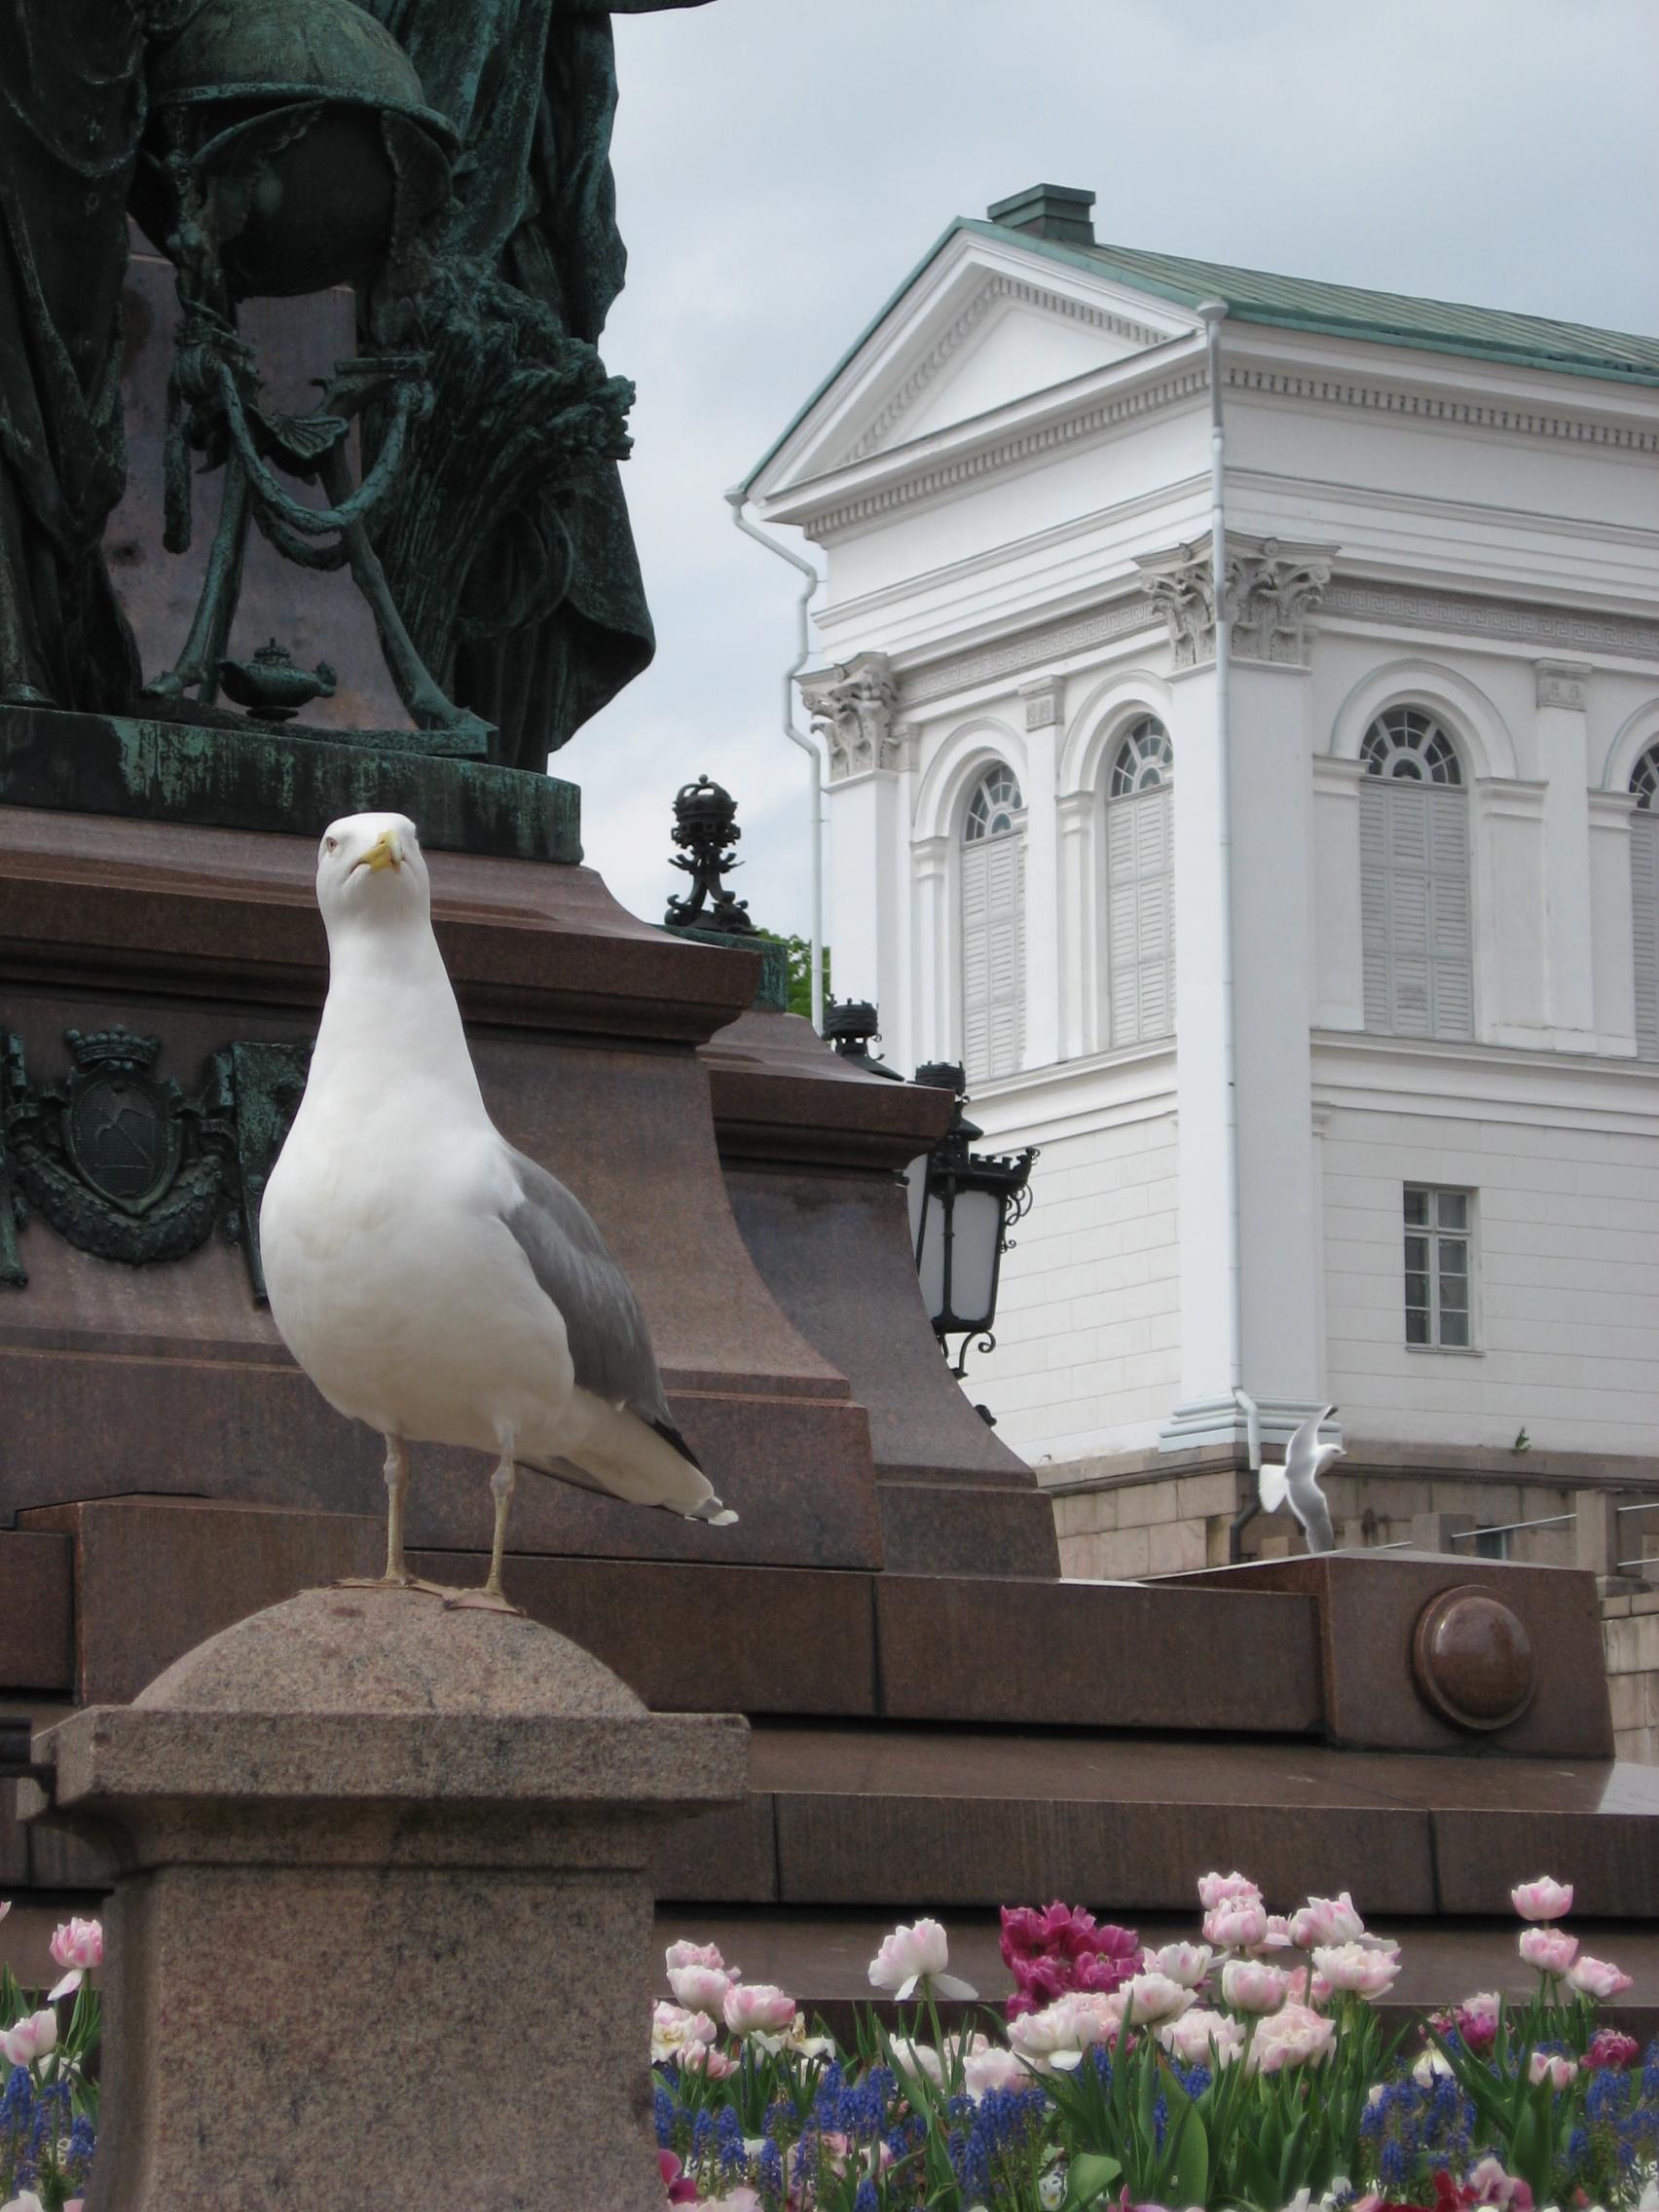 В 2018 году россияне смогут посетить без виз 110 стран